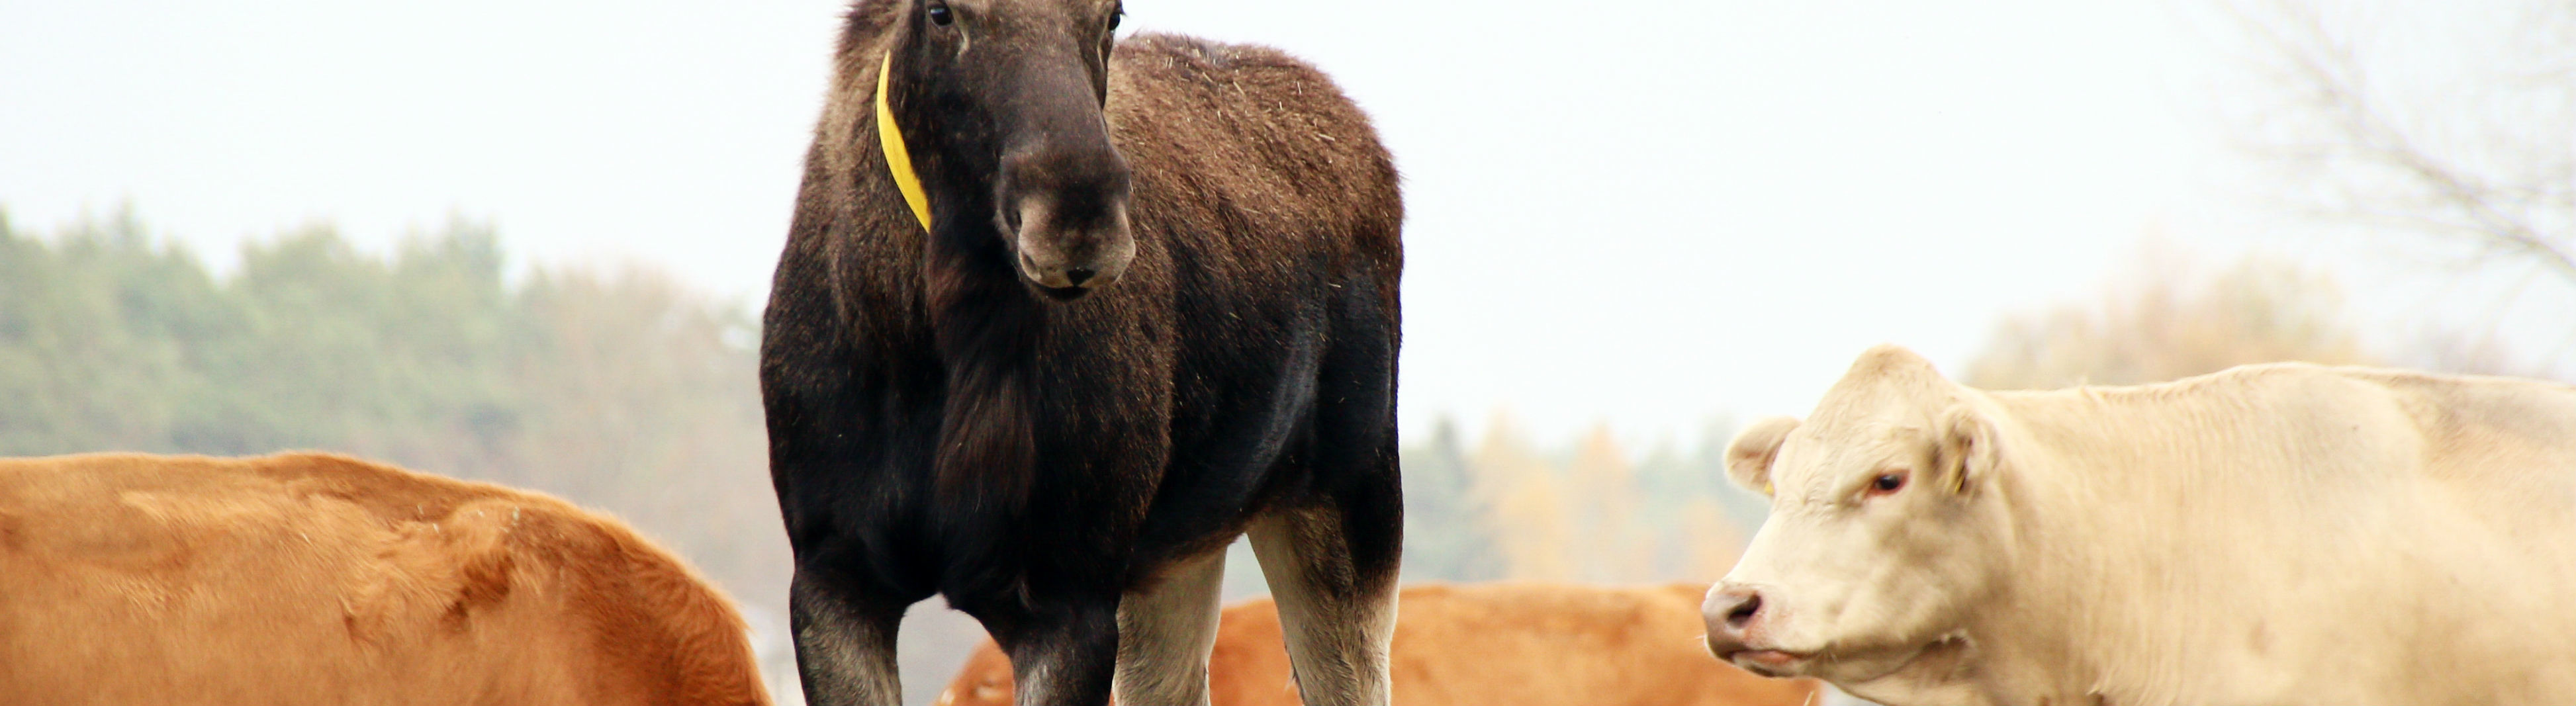 Ein Elch hat sich 2018 in Sachsen einer Kuhherde angeschlossen und offenbar können sie miteinander kommunizieren.